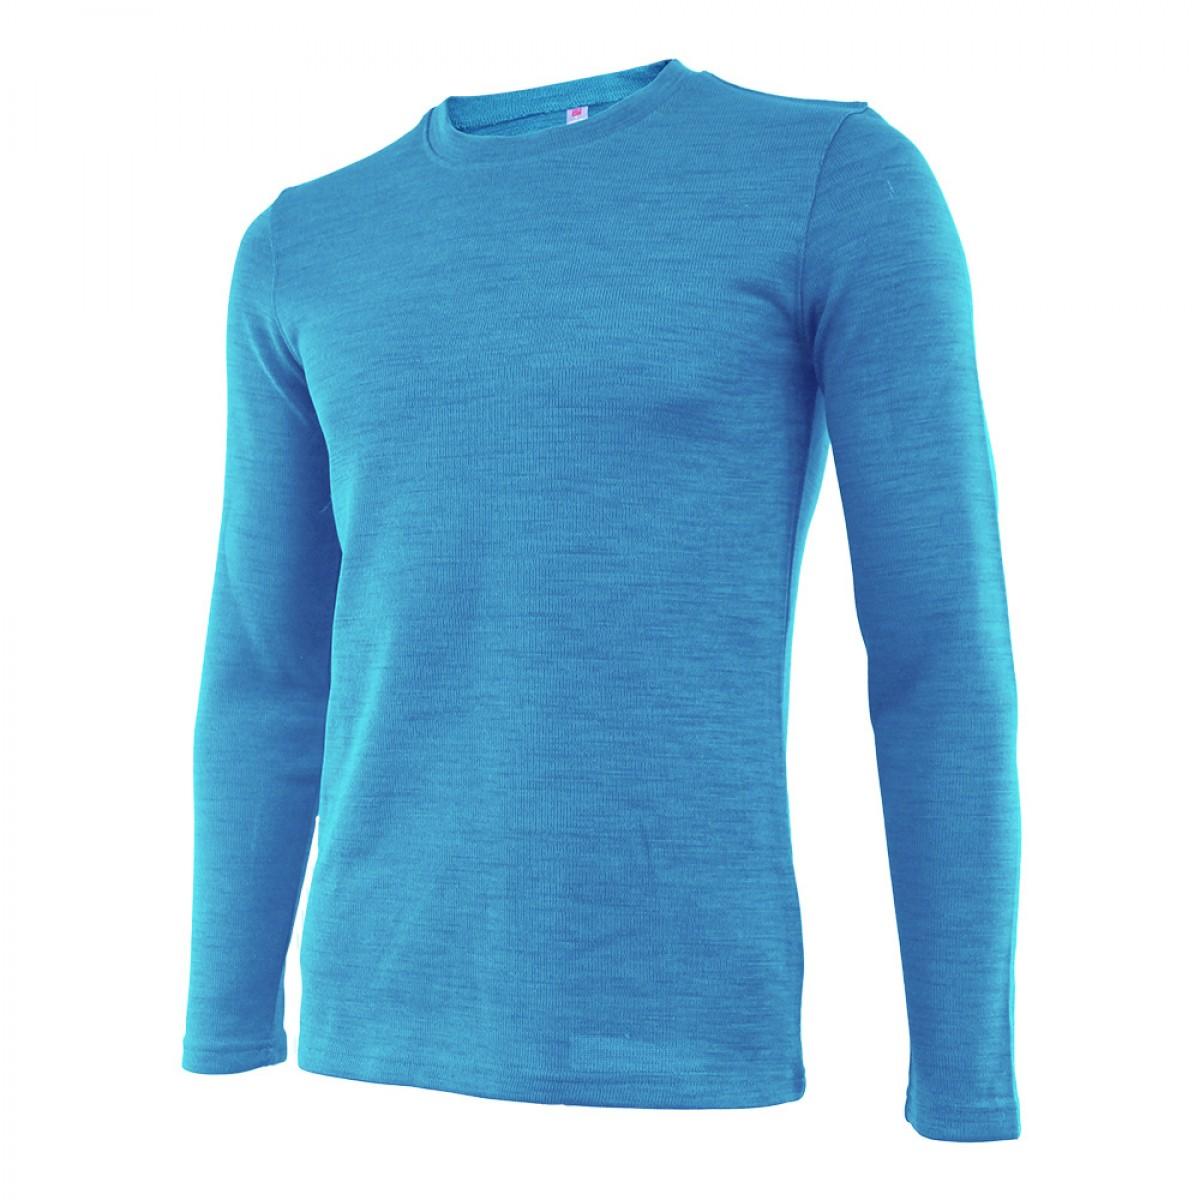 men-long-sleeve-round-neck-t-shirt-klsrt15943-5b